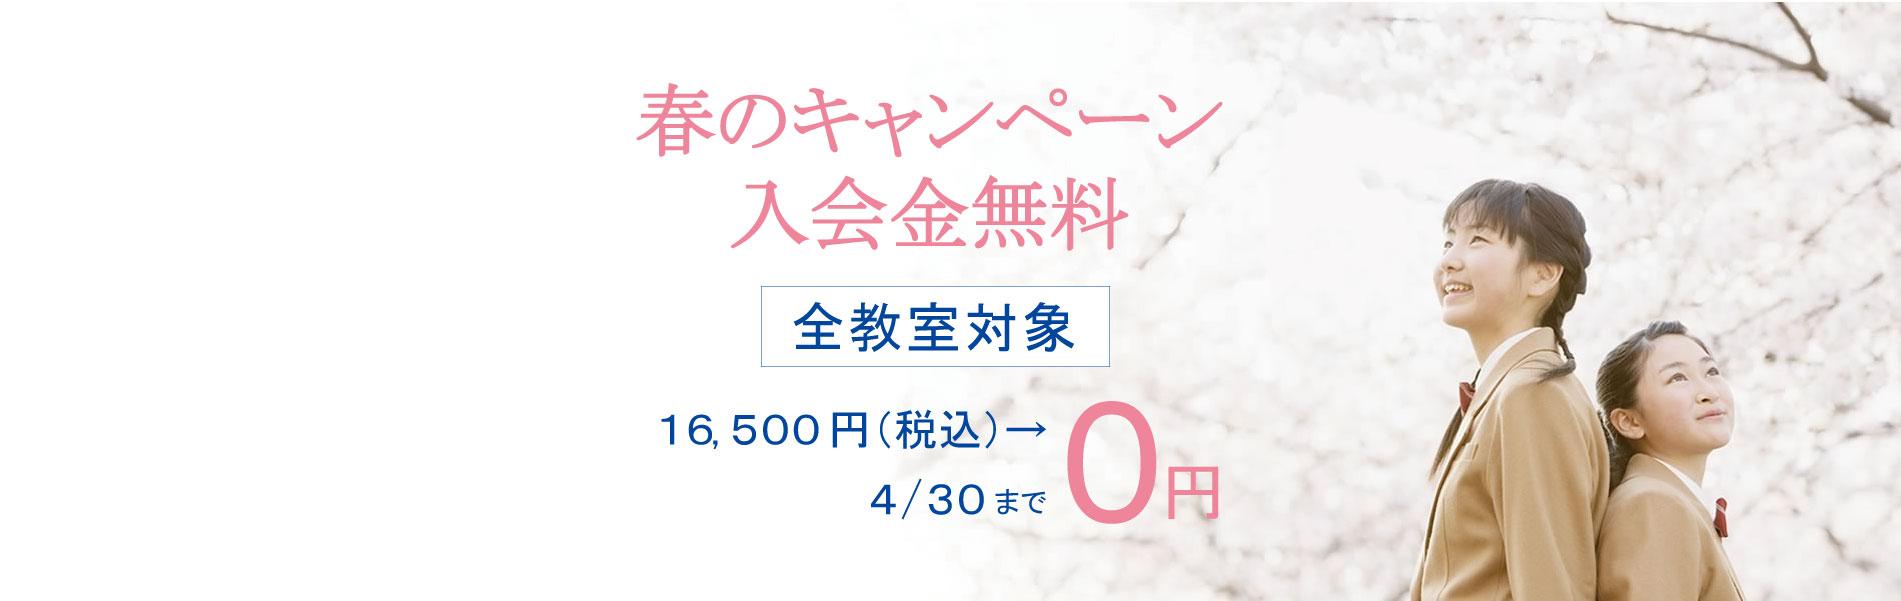 春のキャンペーン 入会金無料 15000円(税別)→0円 4/30まで